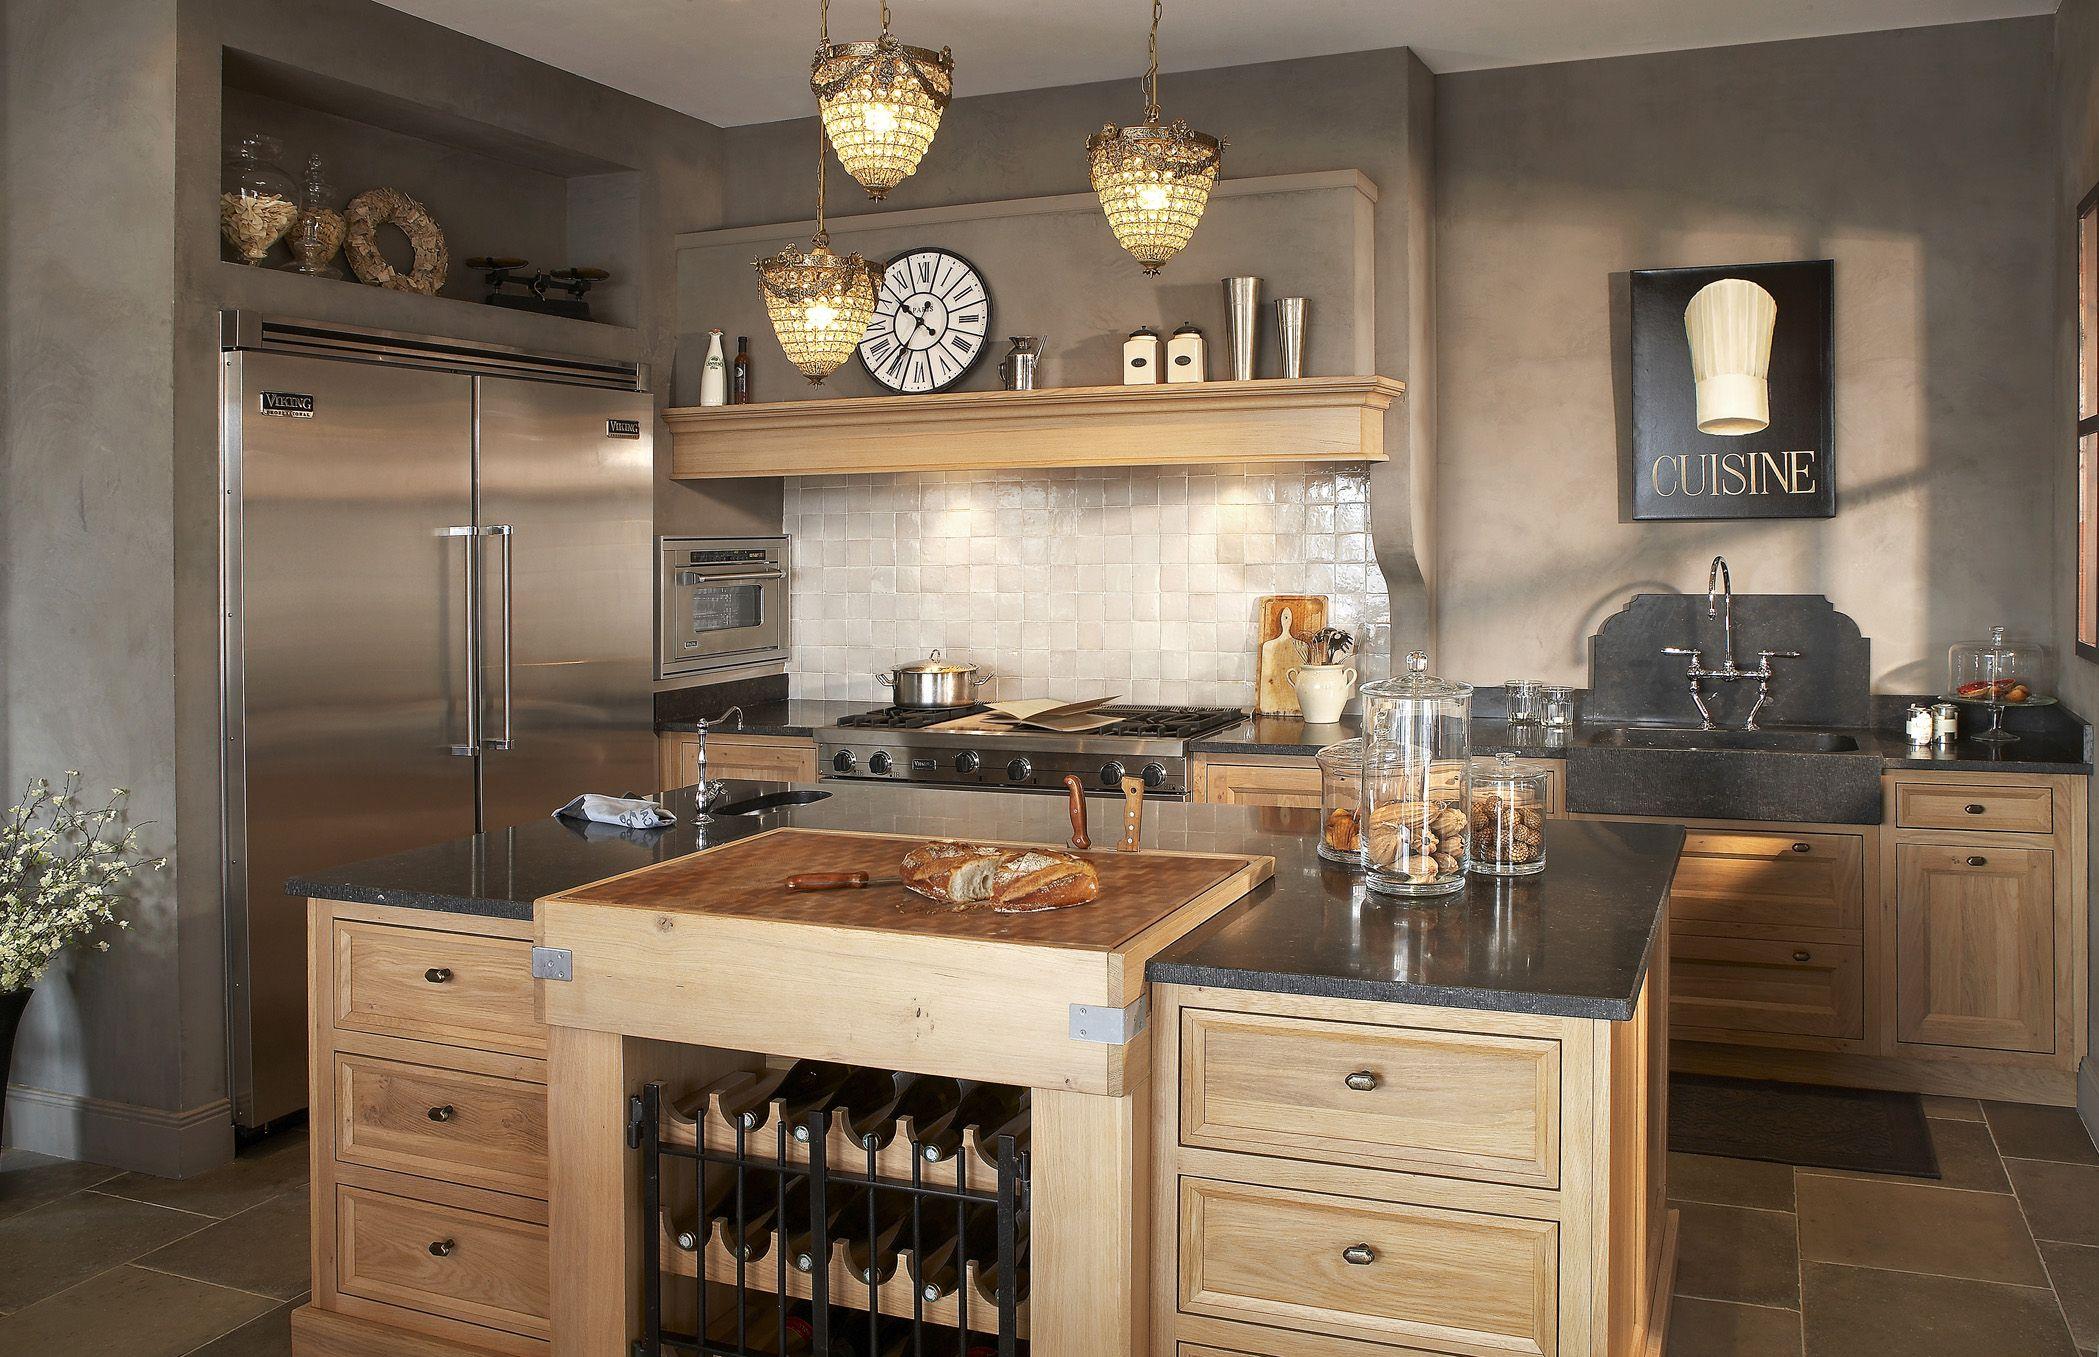 Carrelage contemporain cuisine: carrelage pour plan de travail ...